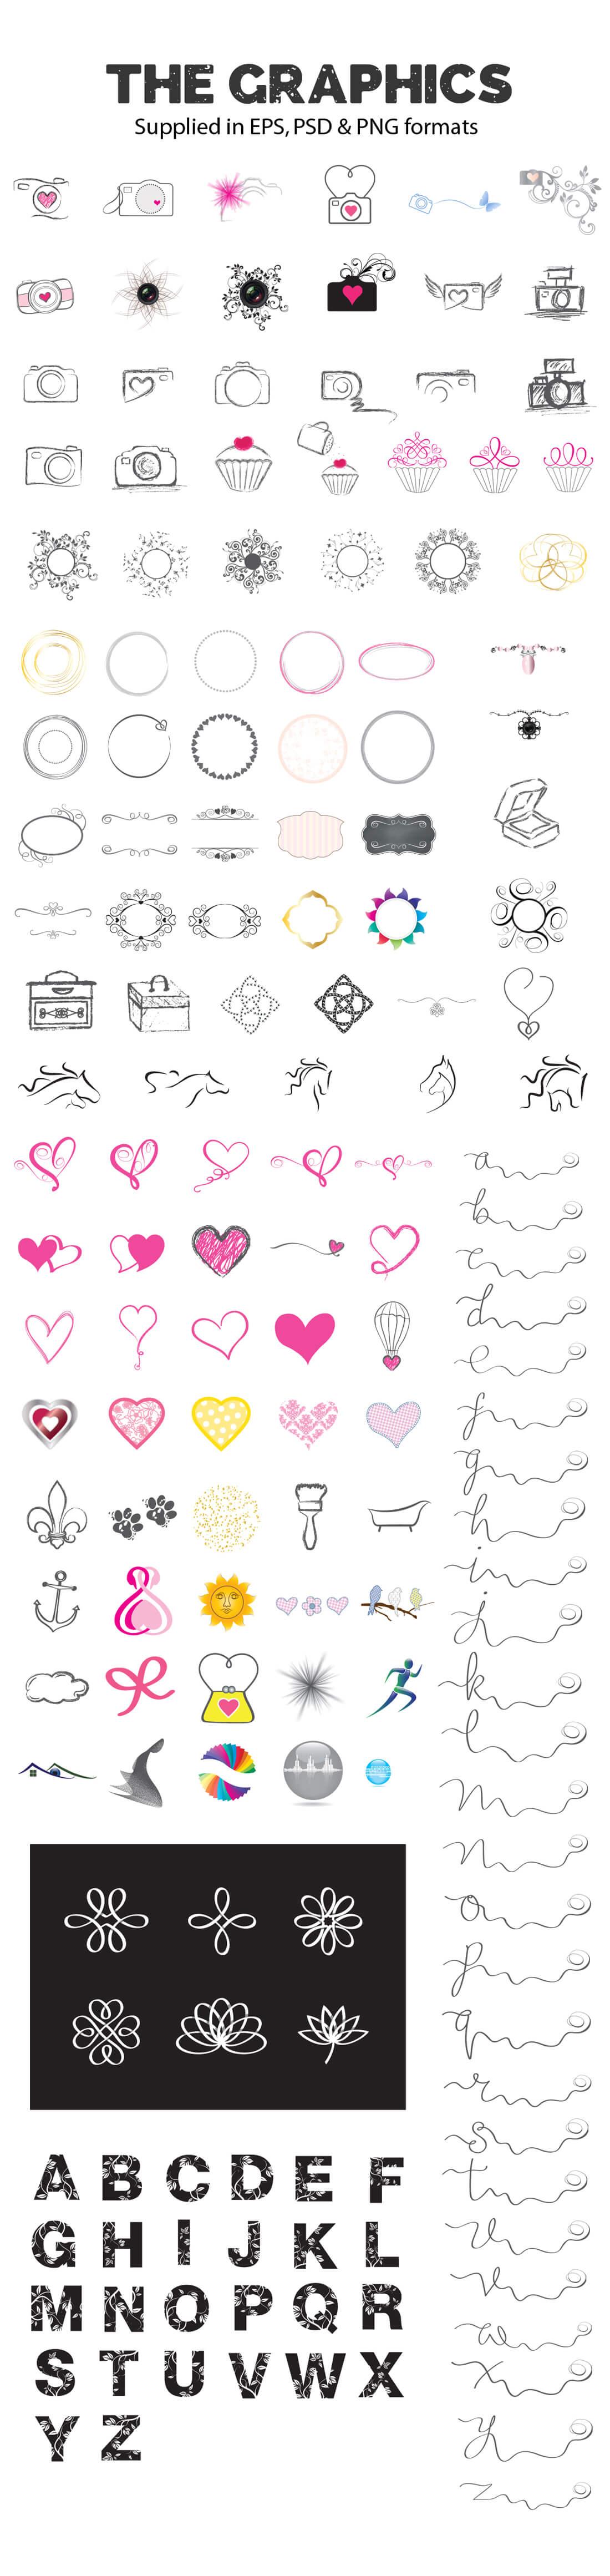 Designer kit graphics